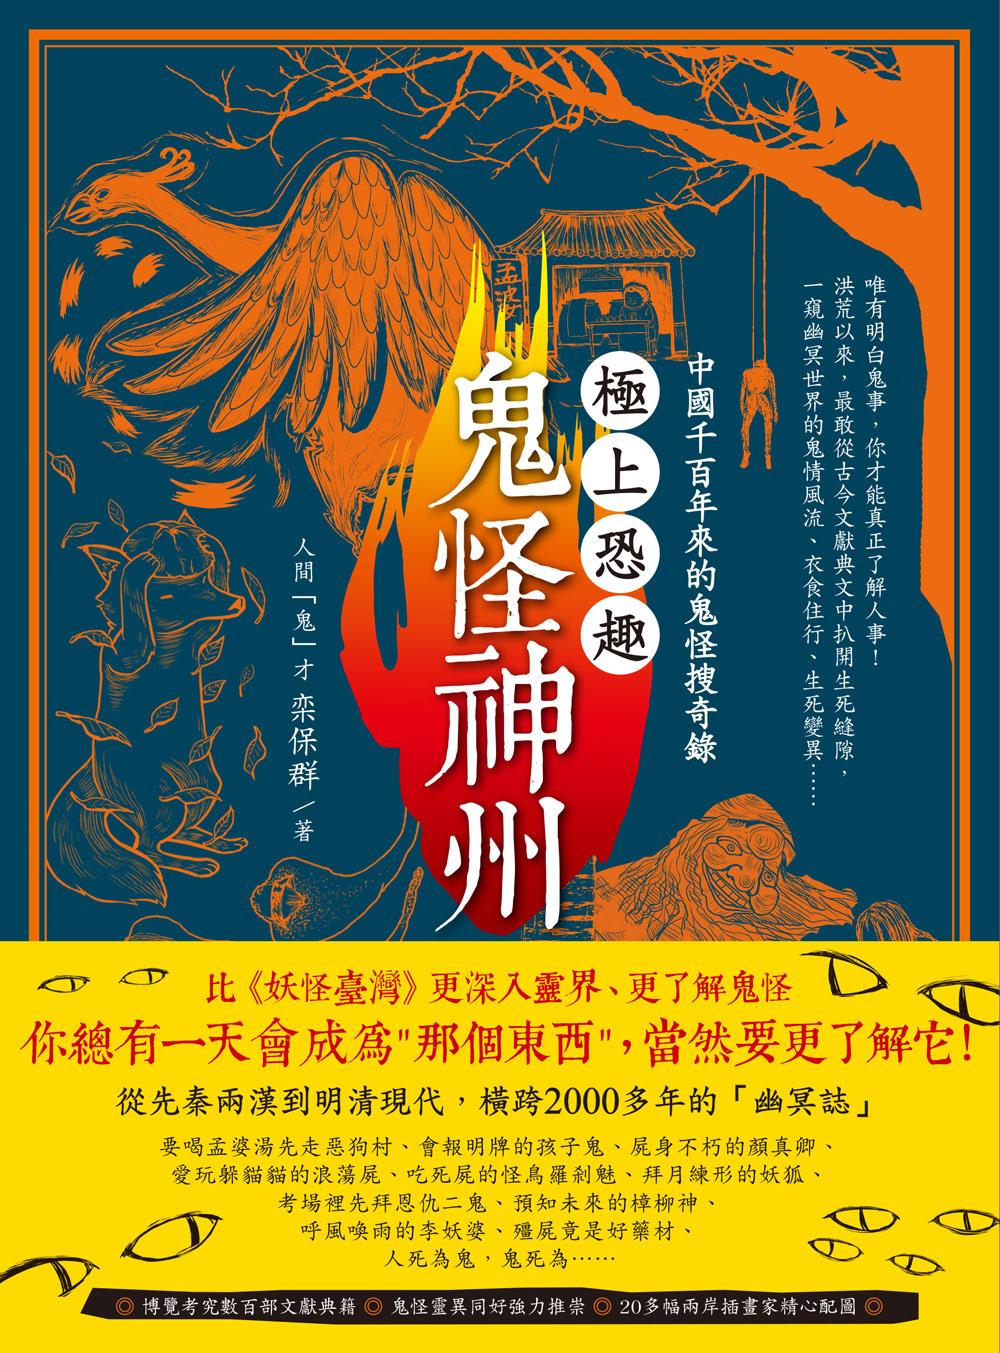 http://im2.book.com.tw/image/getImage?i=http://www.books.com.tw/img/001/075/86/0010758658_bc_01.jpg&v=5970a344&w=655&h=609